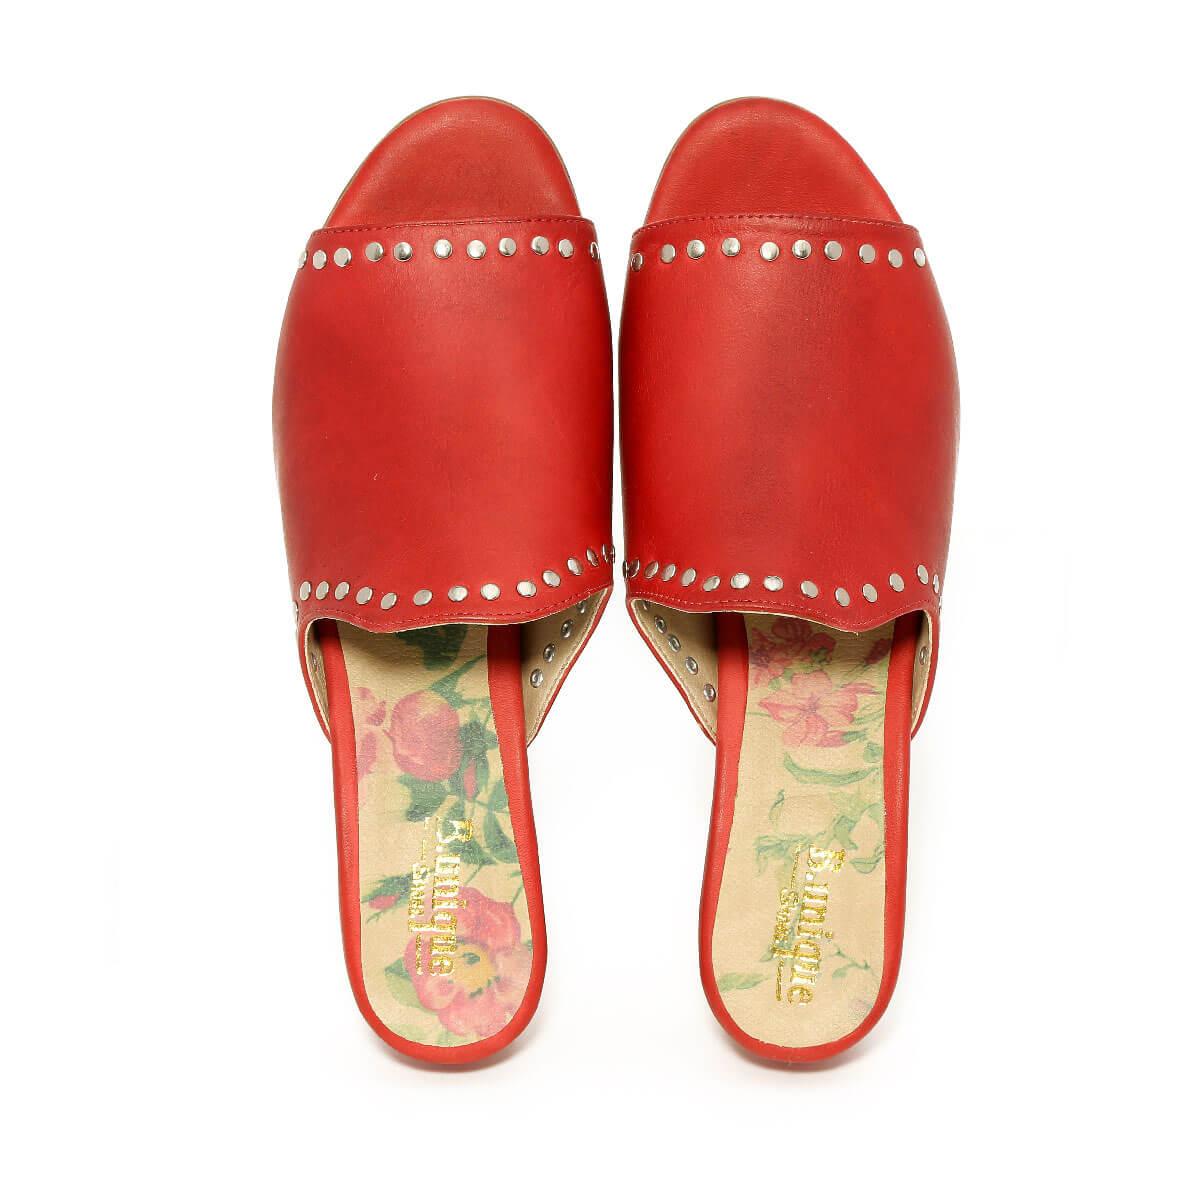 דגם יסמין: כפכפים בצבע אדום